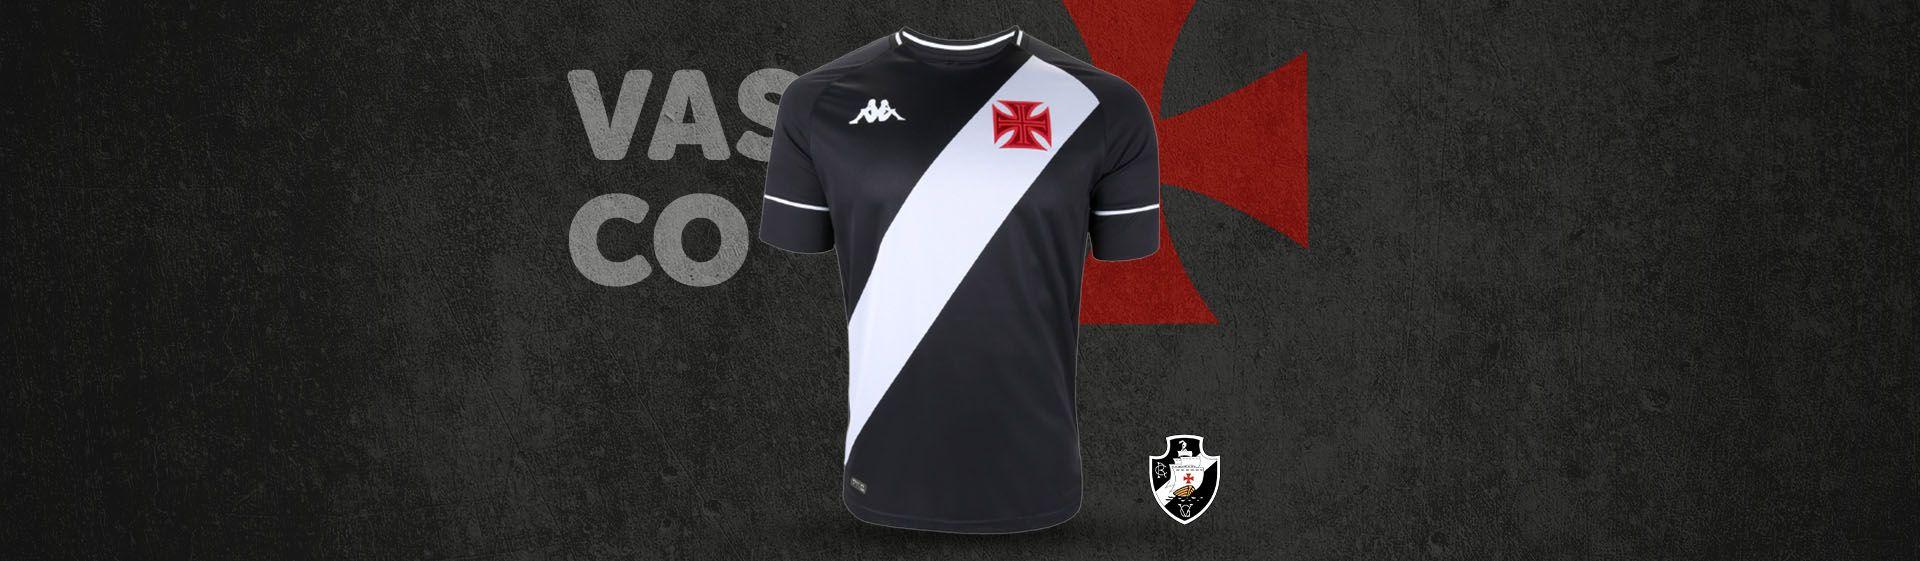 Camisa do Vasco: camisas do Vasco para comprar em 2021